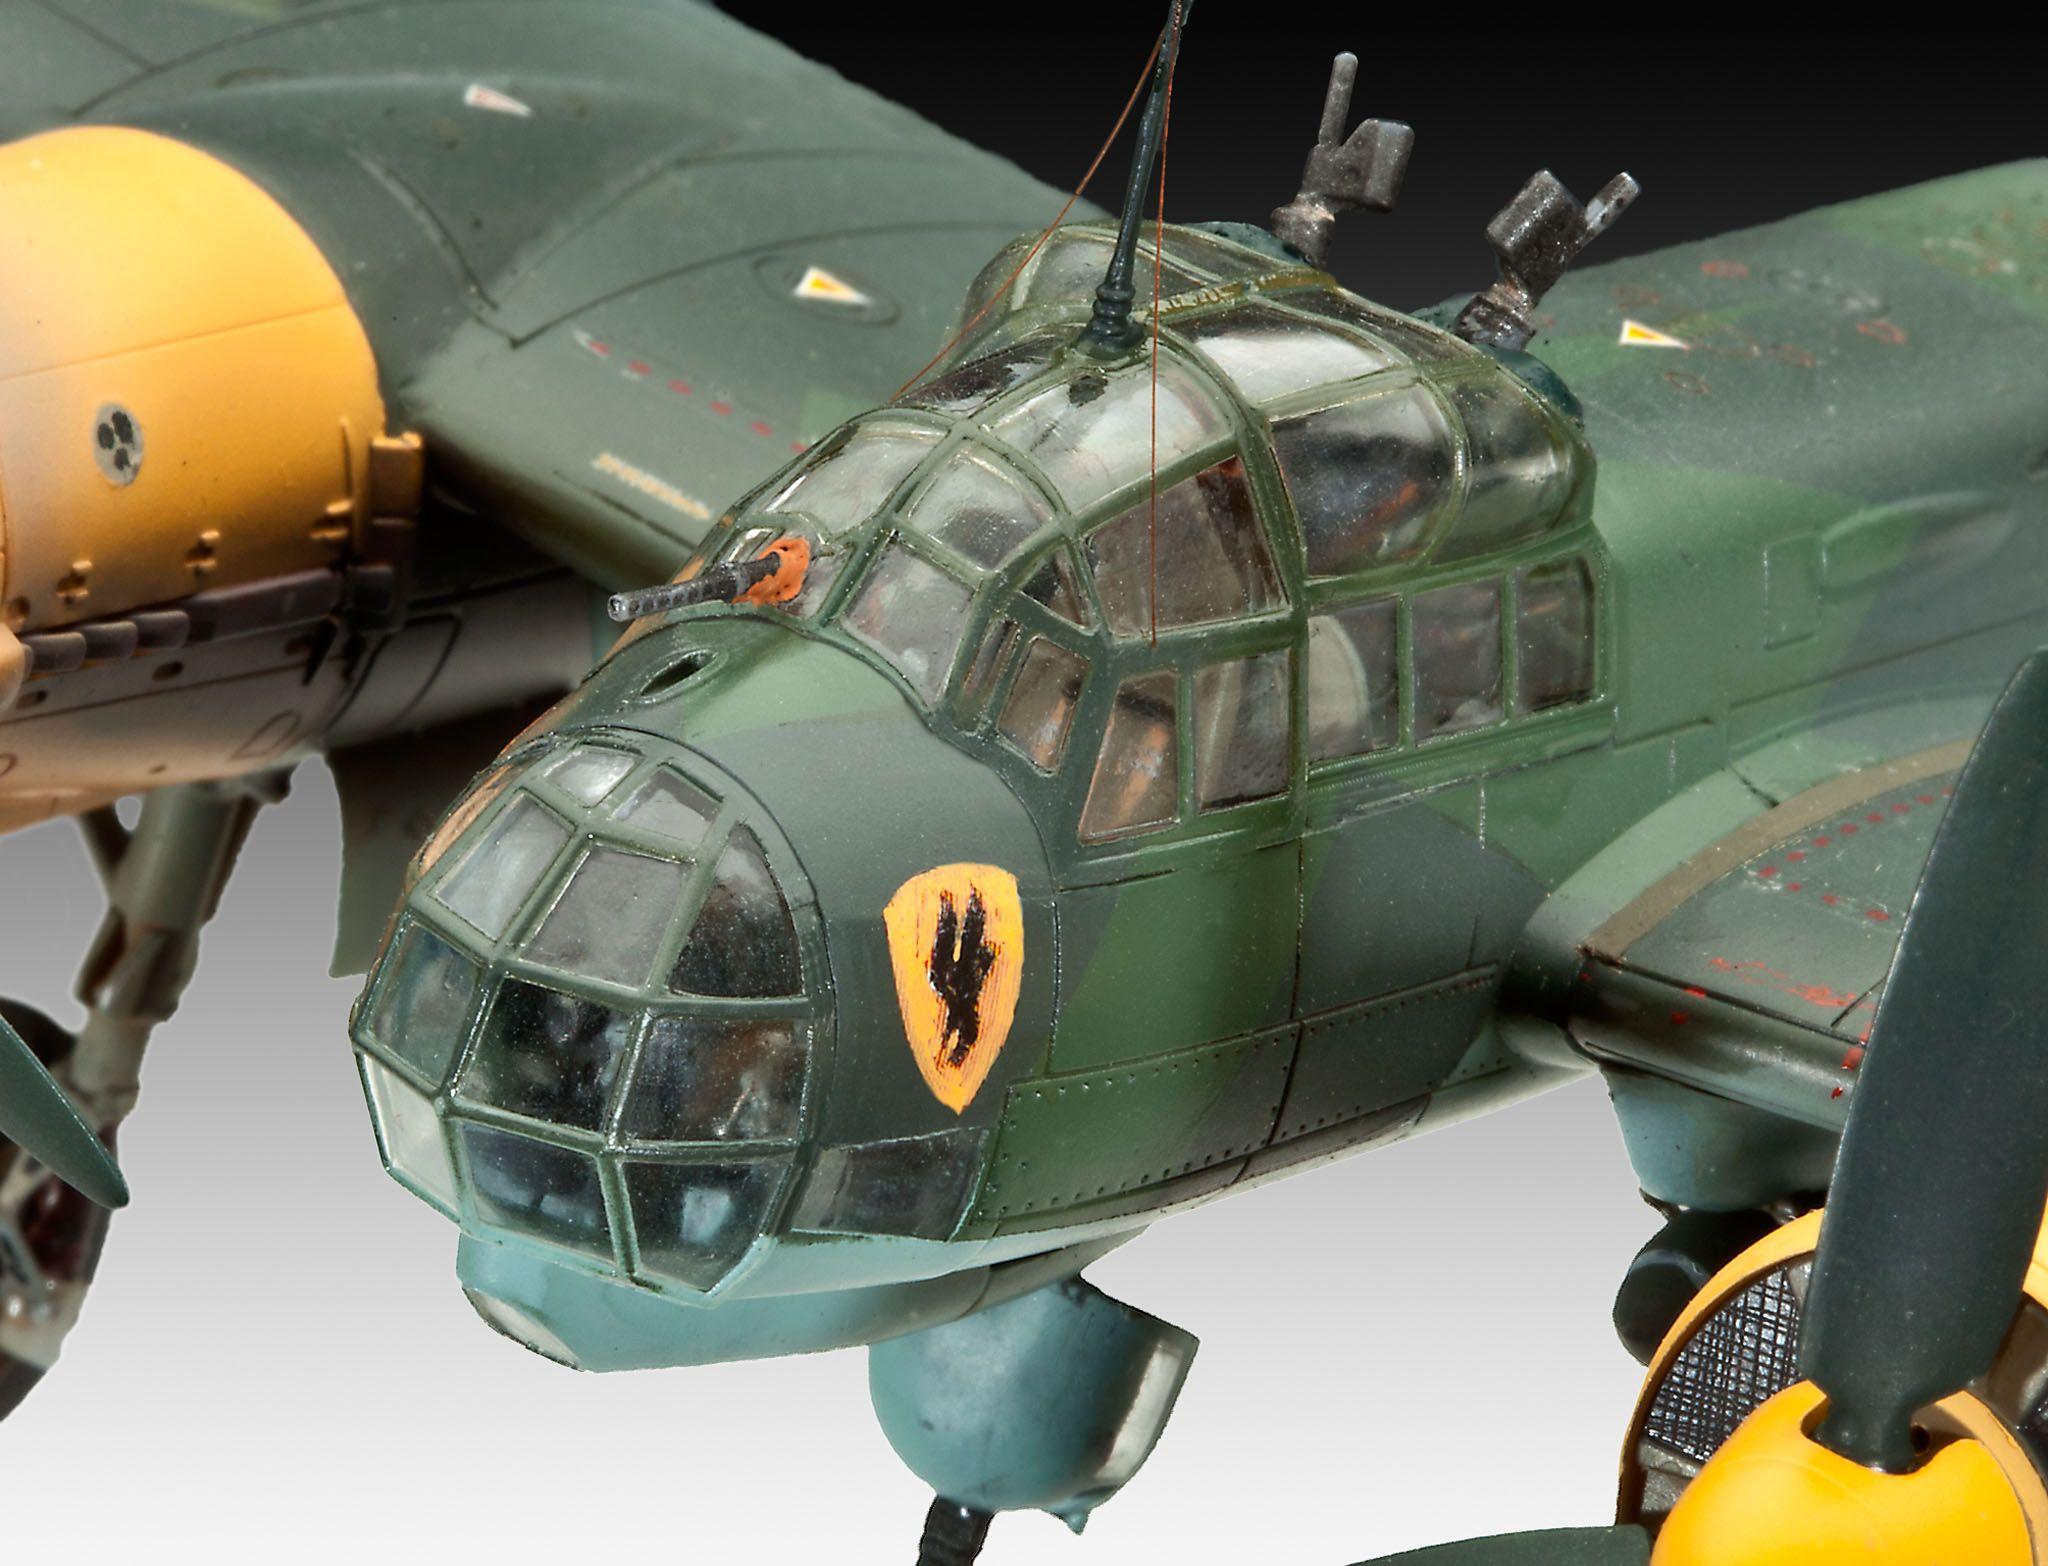 Сглобяем модел на военен самолет Revell Junkers - Ju88 A-4 Bomber (04672) - 4